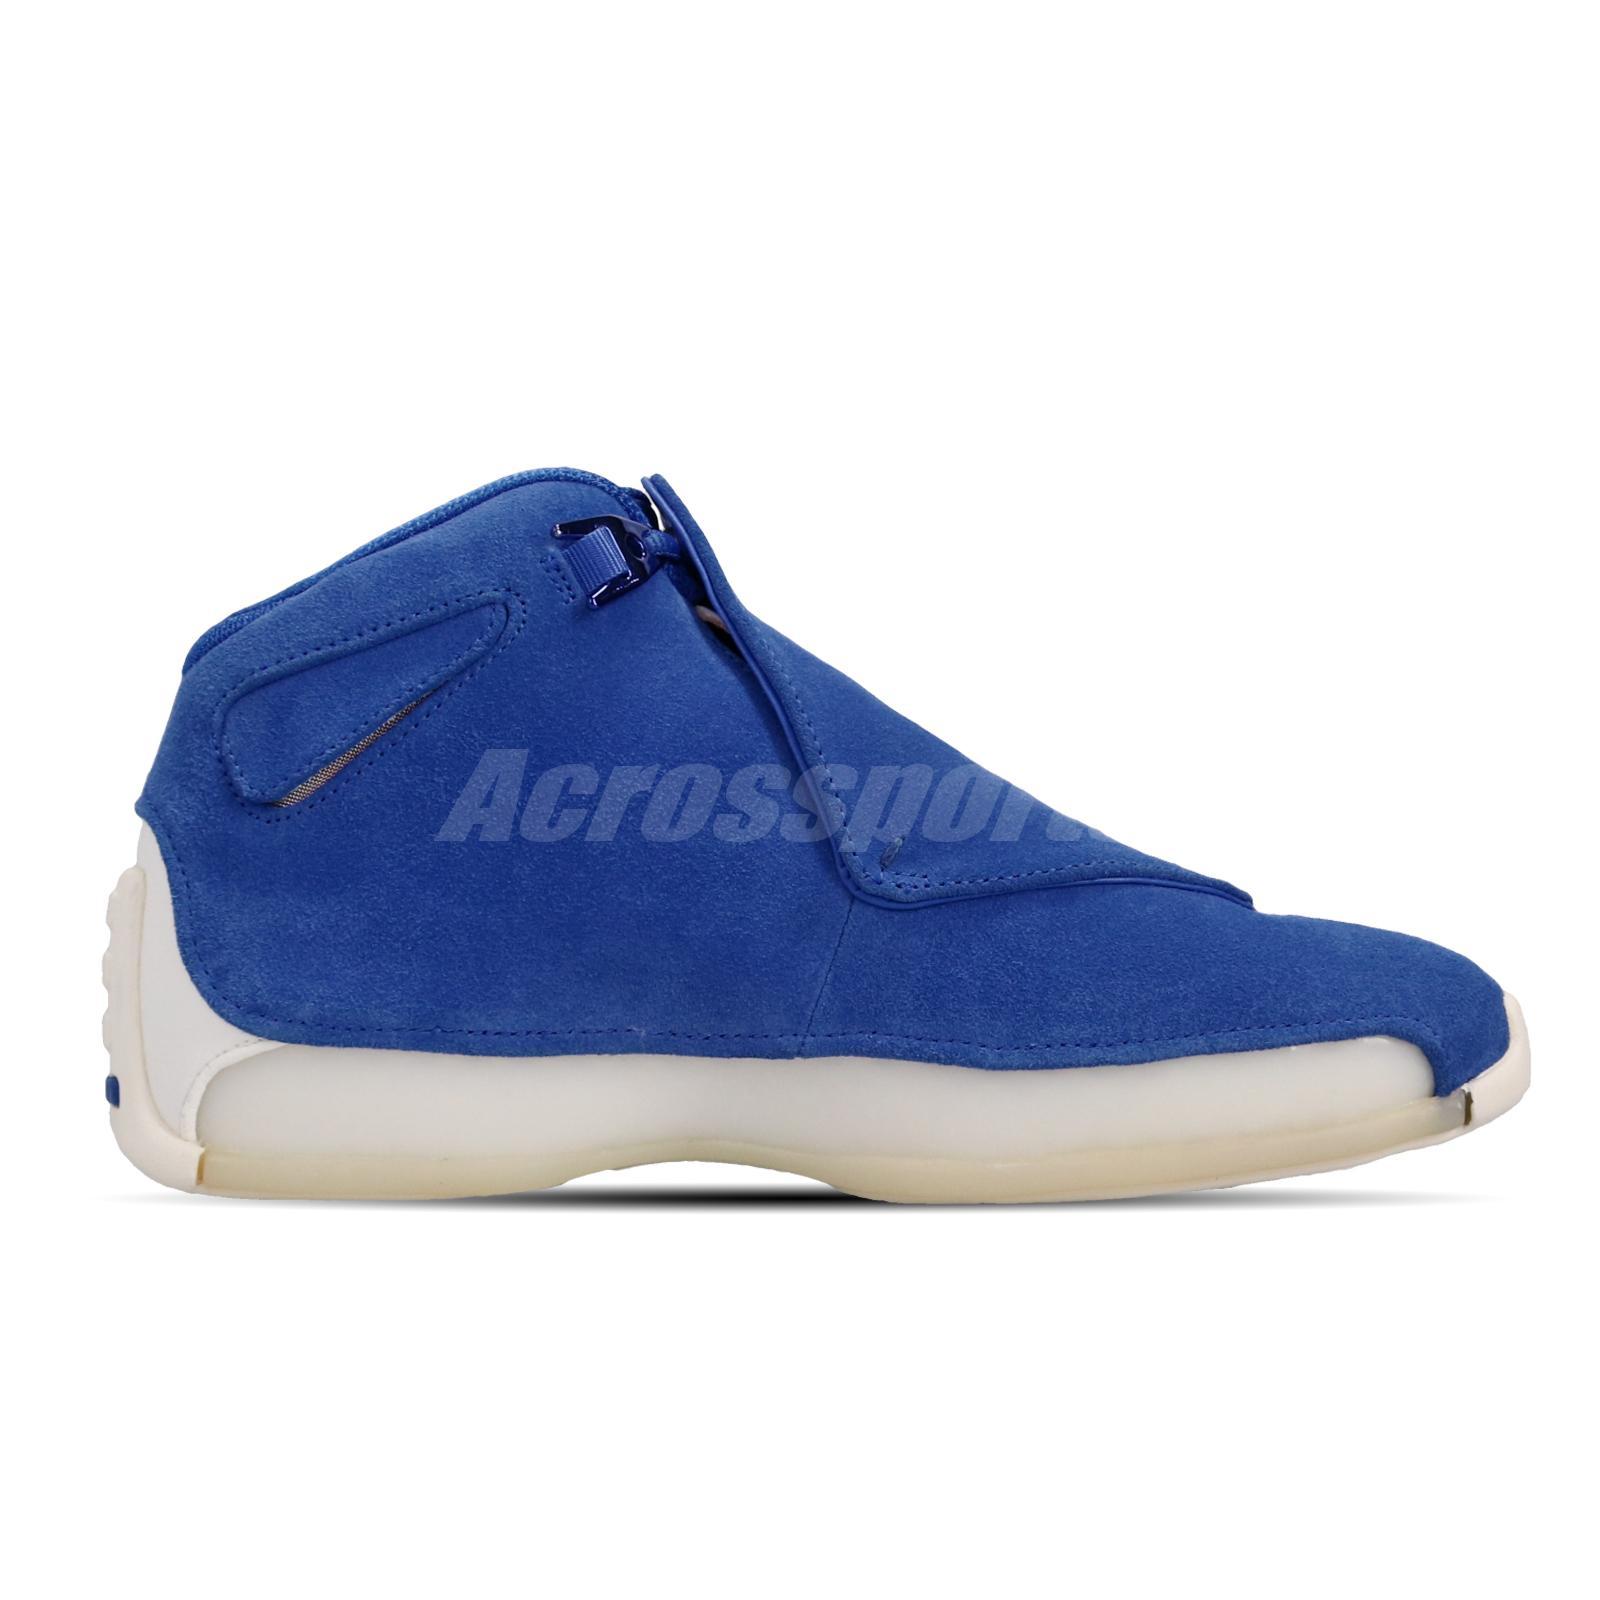 4e5b7d5cbff9a8 Nike Air Jordan 18 Retro Racer Blue Suede Mens Basketball Shoes ...